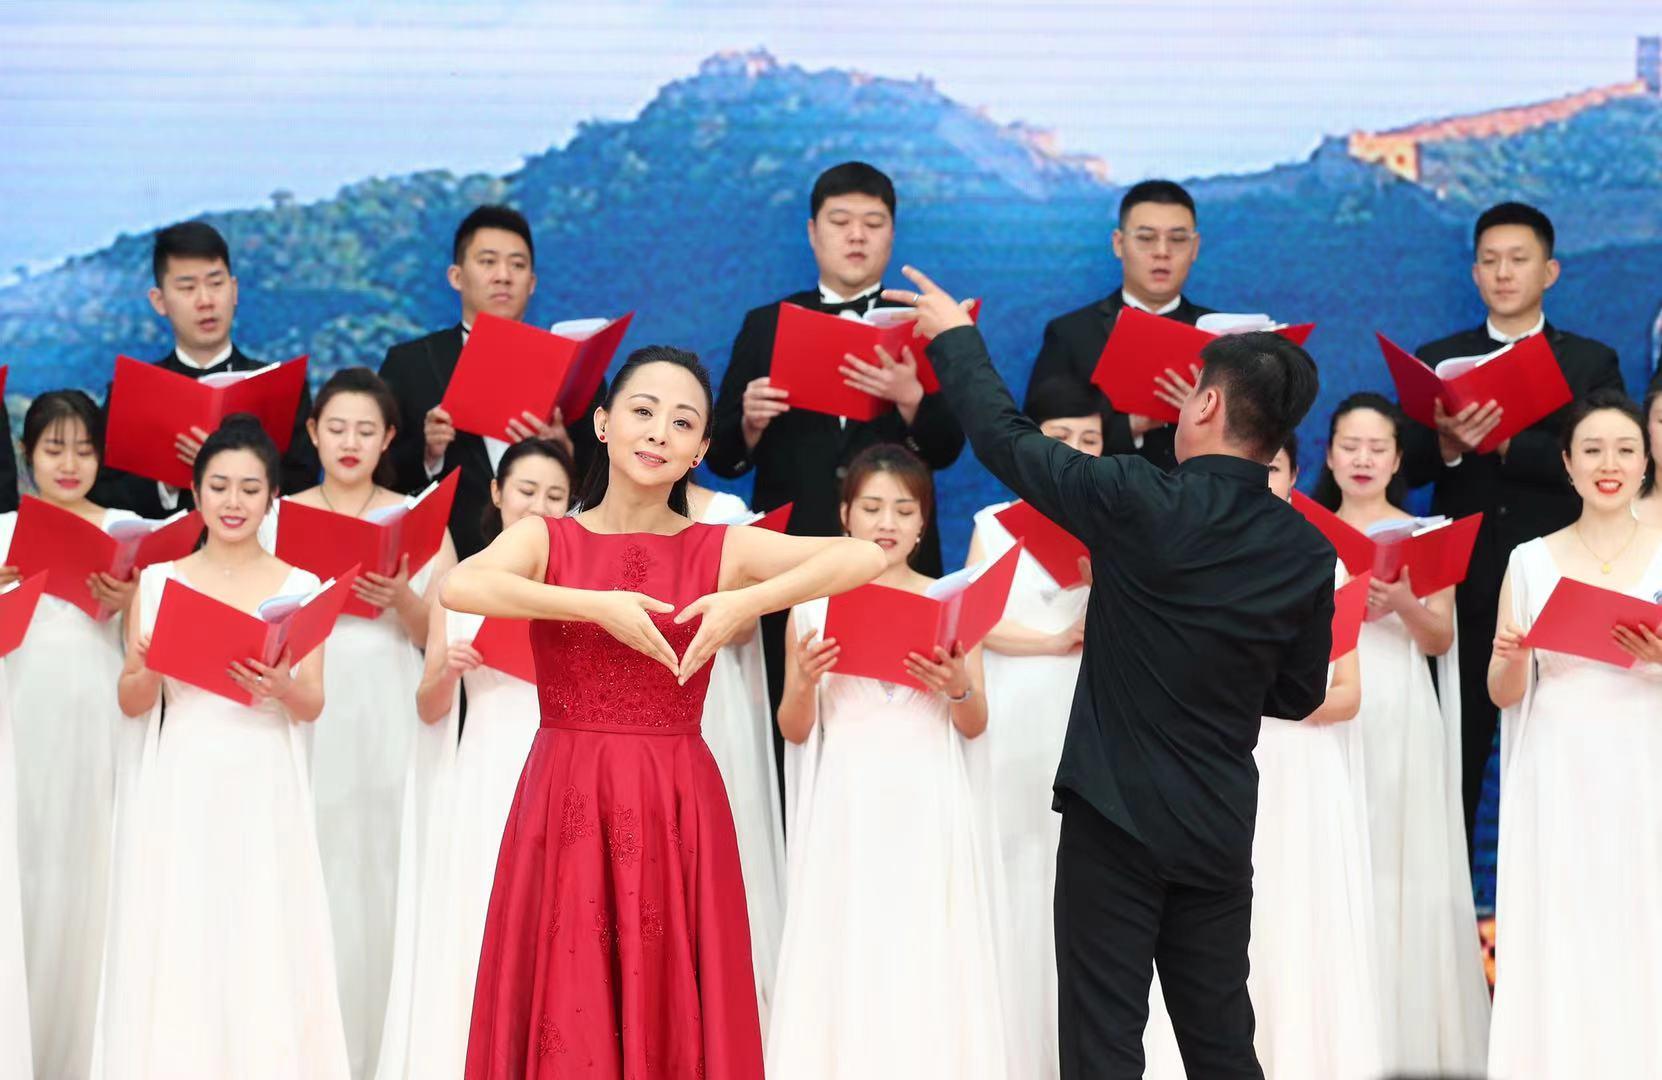 中国交响乐团合唱团与中国残疾人艺术团青年舞蹈家邰丽华等表演的手语合唱《不忘初心》